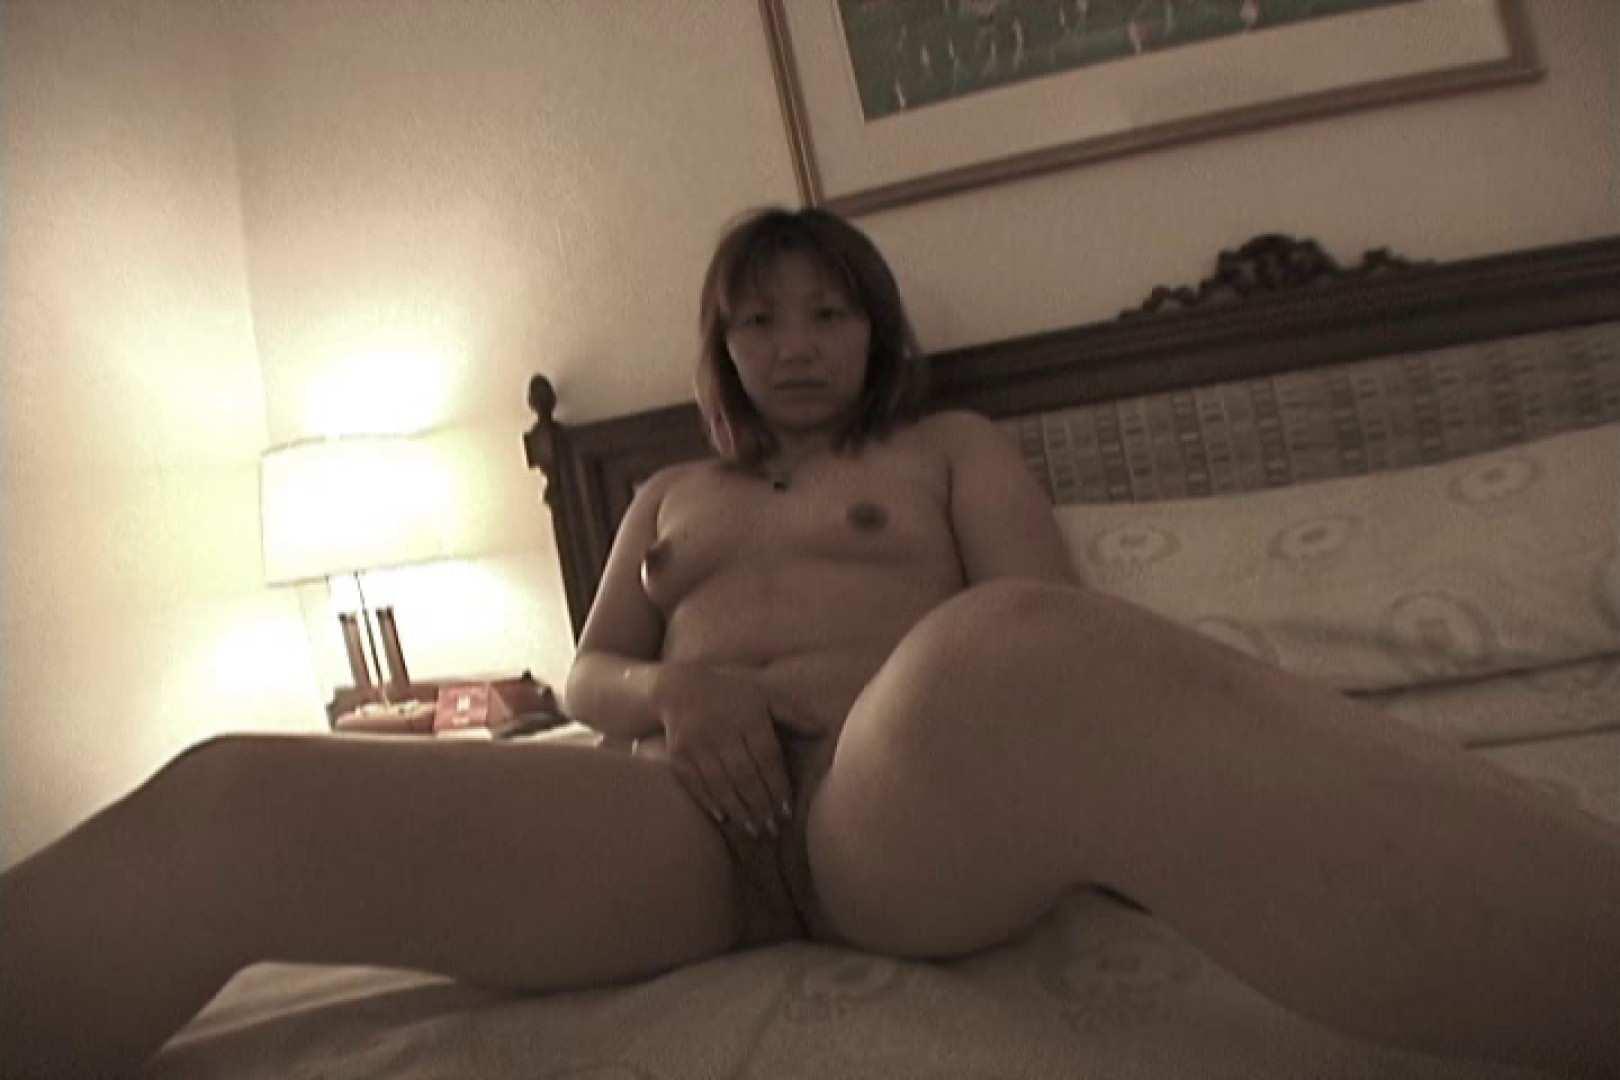 ツンデレ素人嬢もチンポには弱い~増田あけみ~ フェラ | 素人流出  52PIX 35